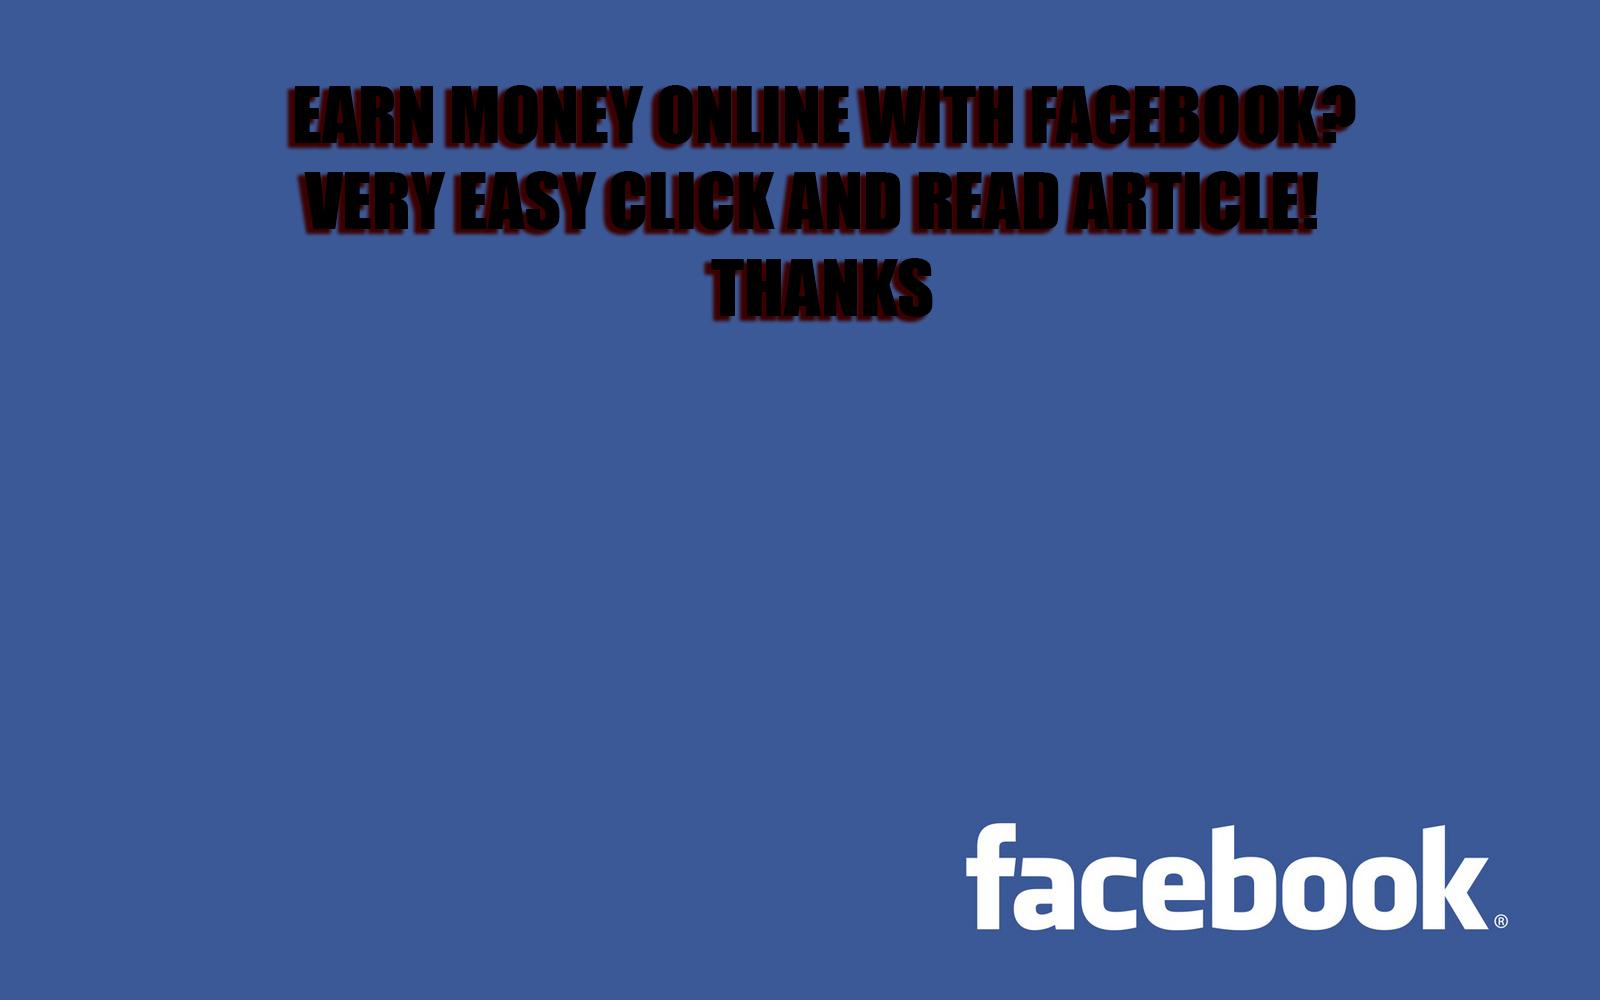 how to make money on facebook in urdu complete guide all rh trickslink com Shairy Urdu Facebook Love in Urdu Poetry Facebook